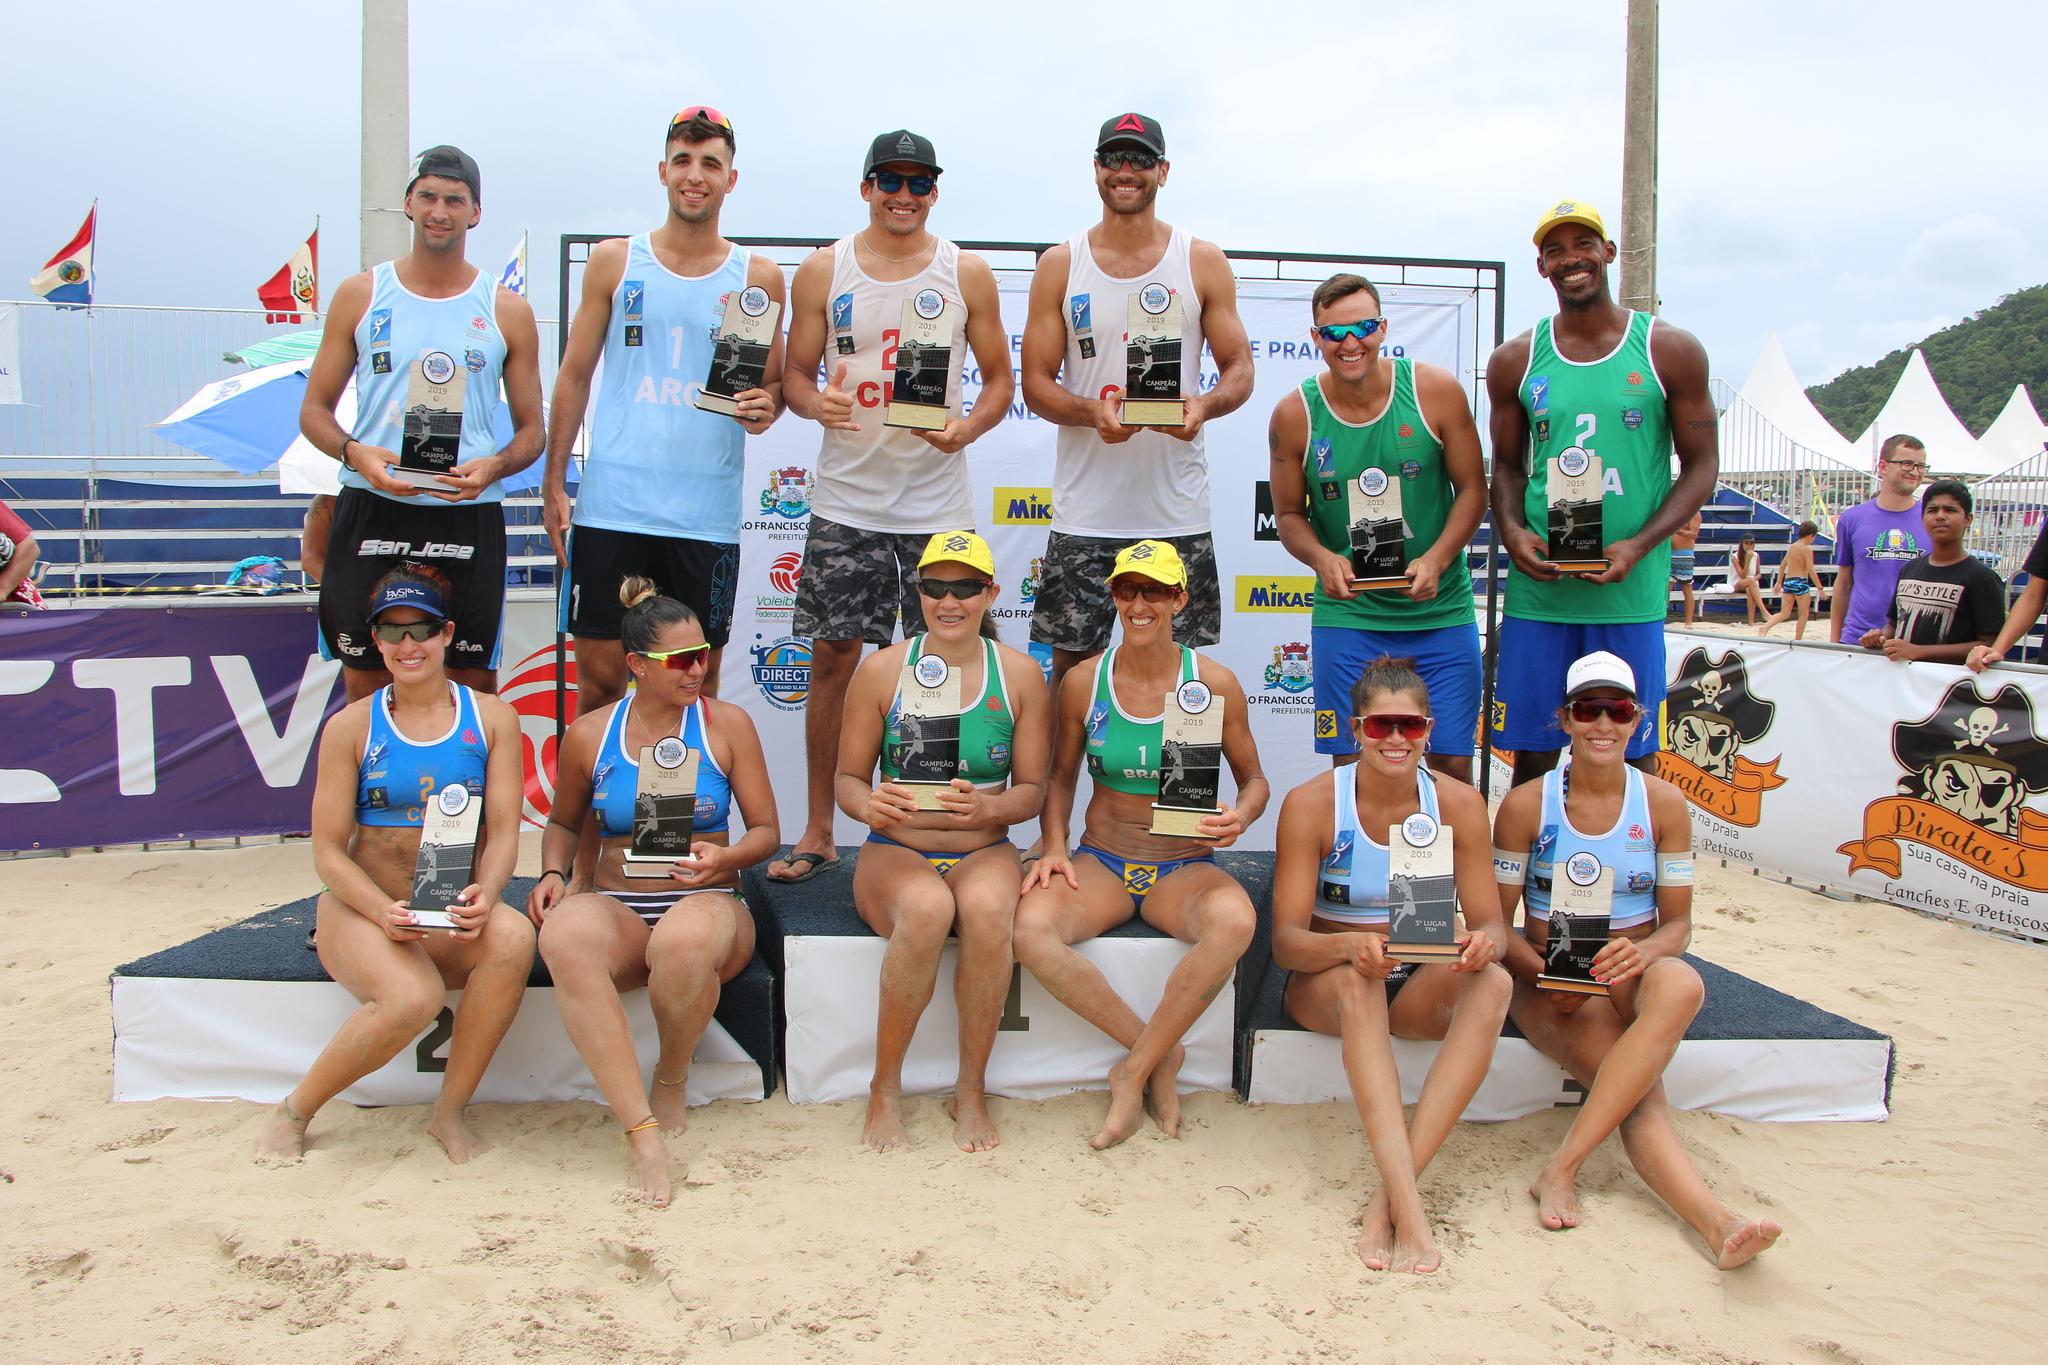 Brasil leva ouro com Josi/Neide e bronze com Thiago/George